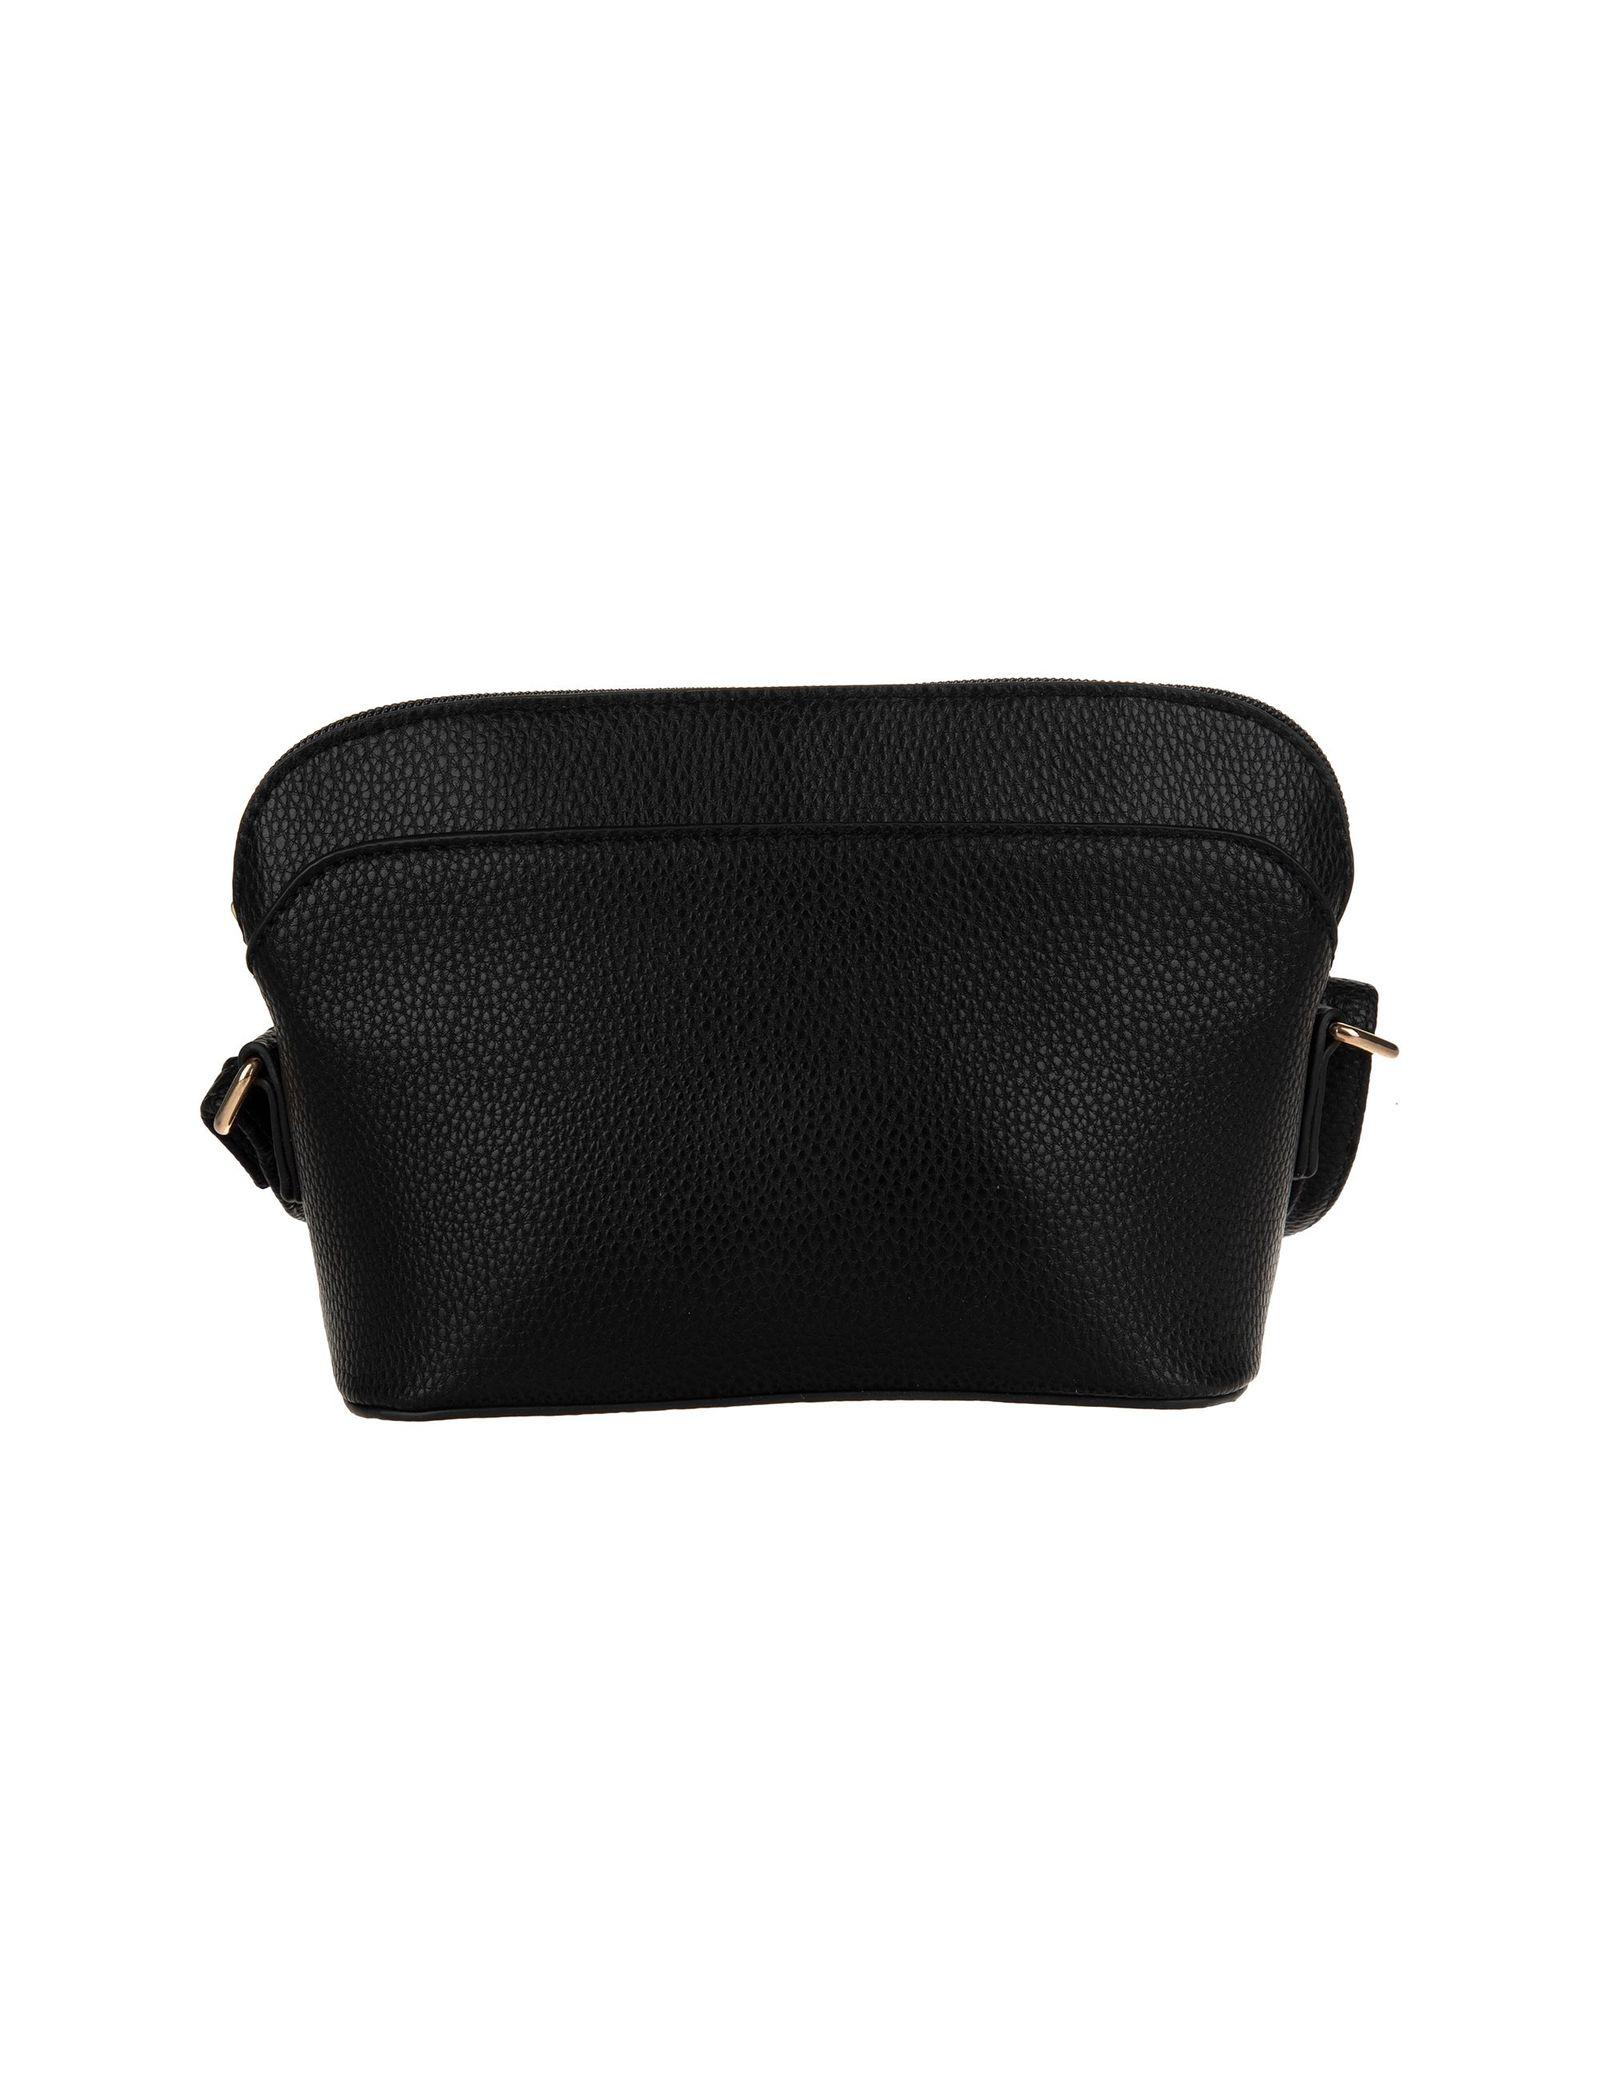 کیف دوشی روزمره زنانه - دادلین تک سایز - مشکي - 3